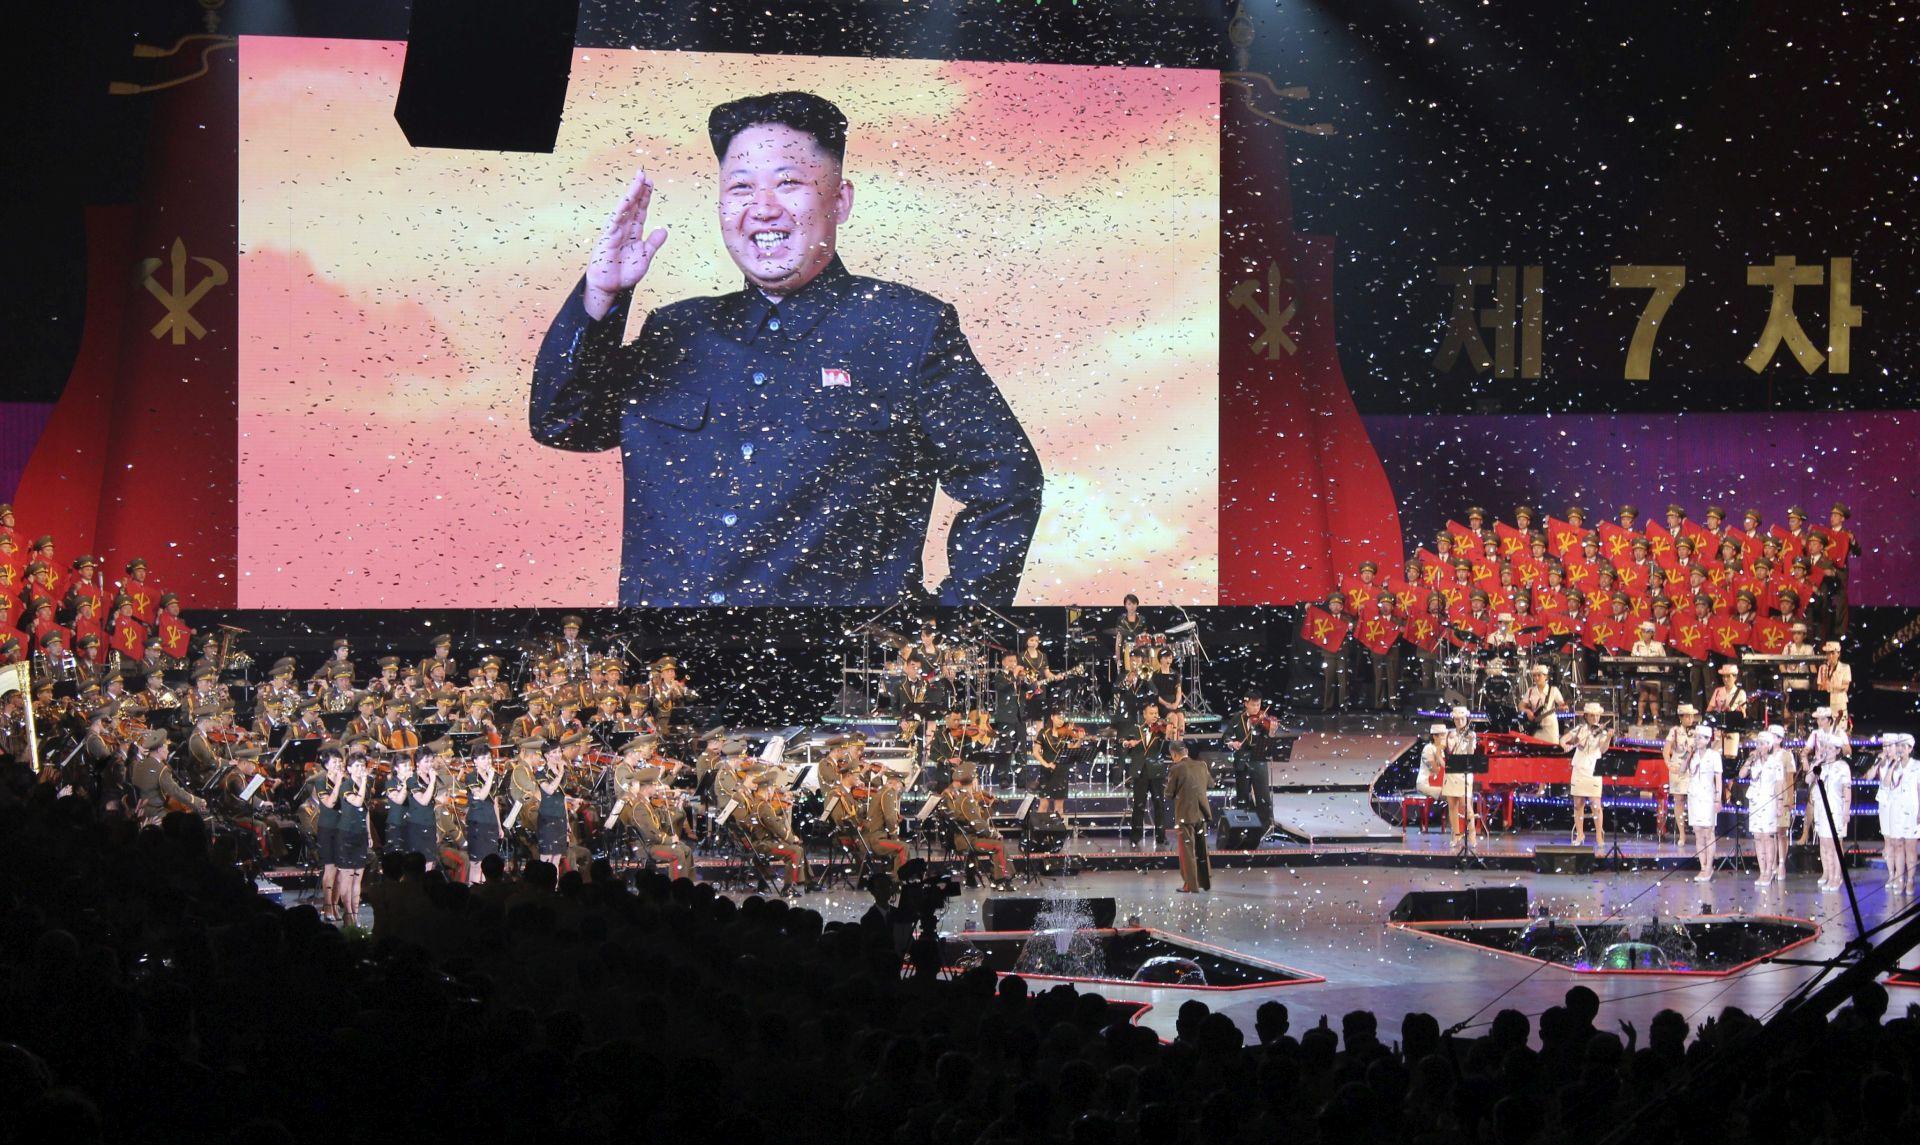 """Teta Kim Jong-Una živi u New Yorku: """"Nije radio probleme, ali se lako naljutio i nedostajalo mu je tolerancije"""""""